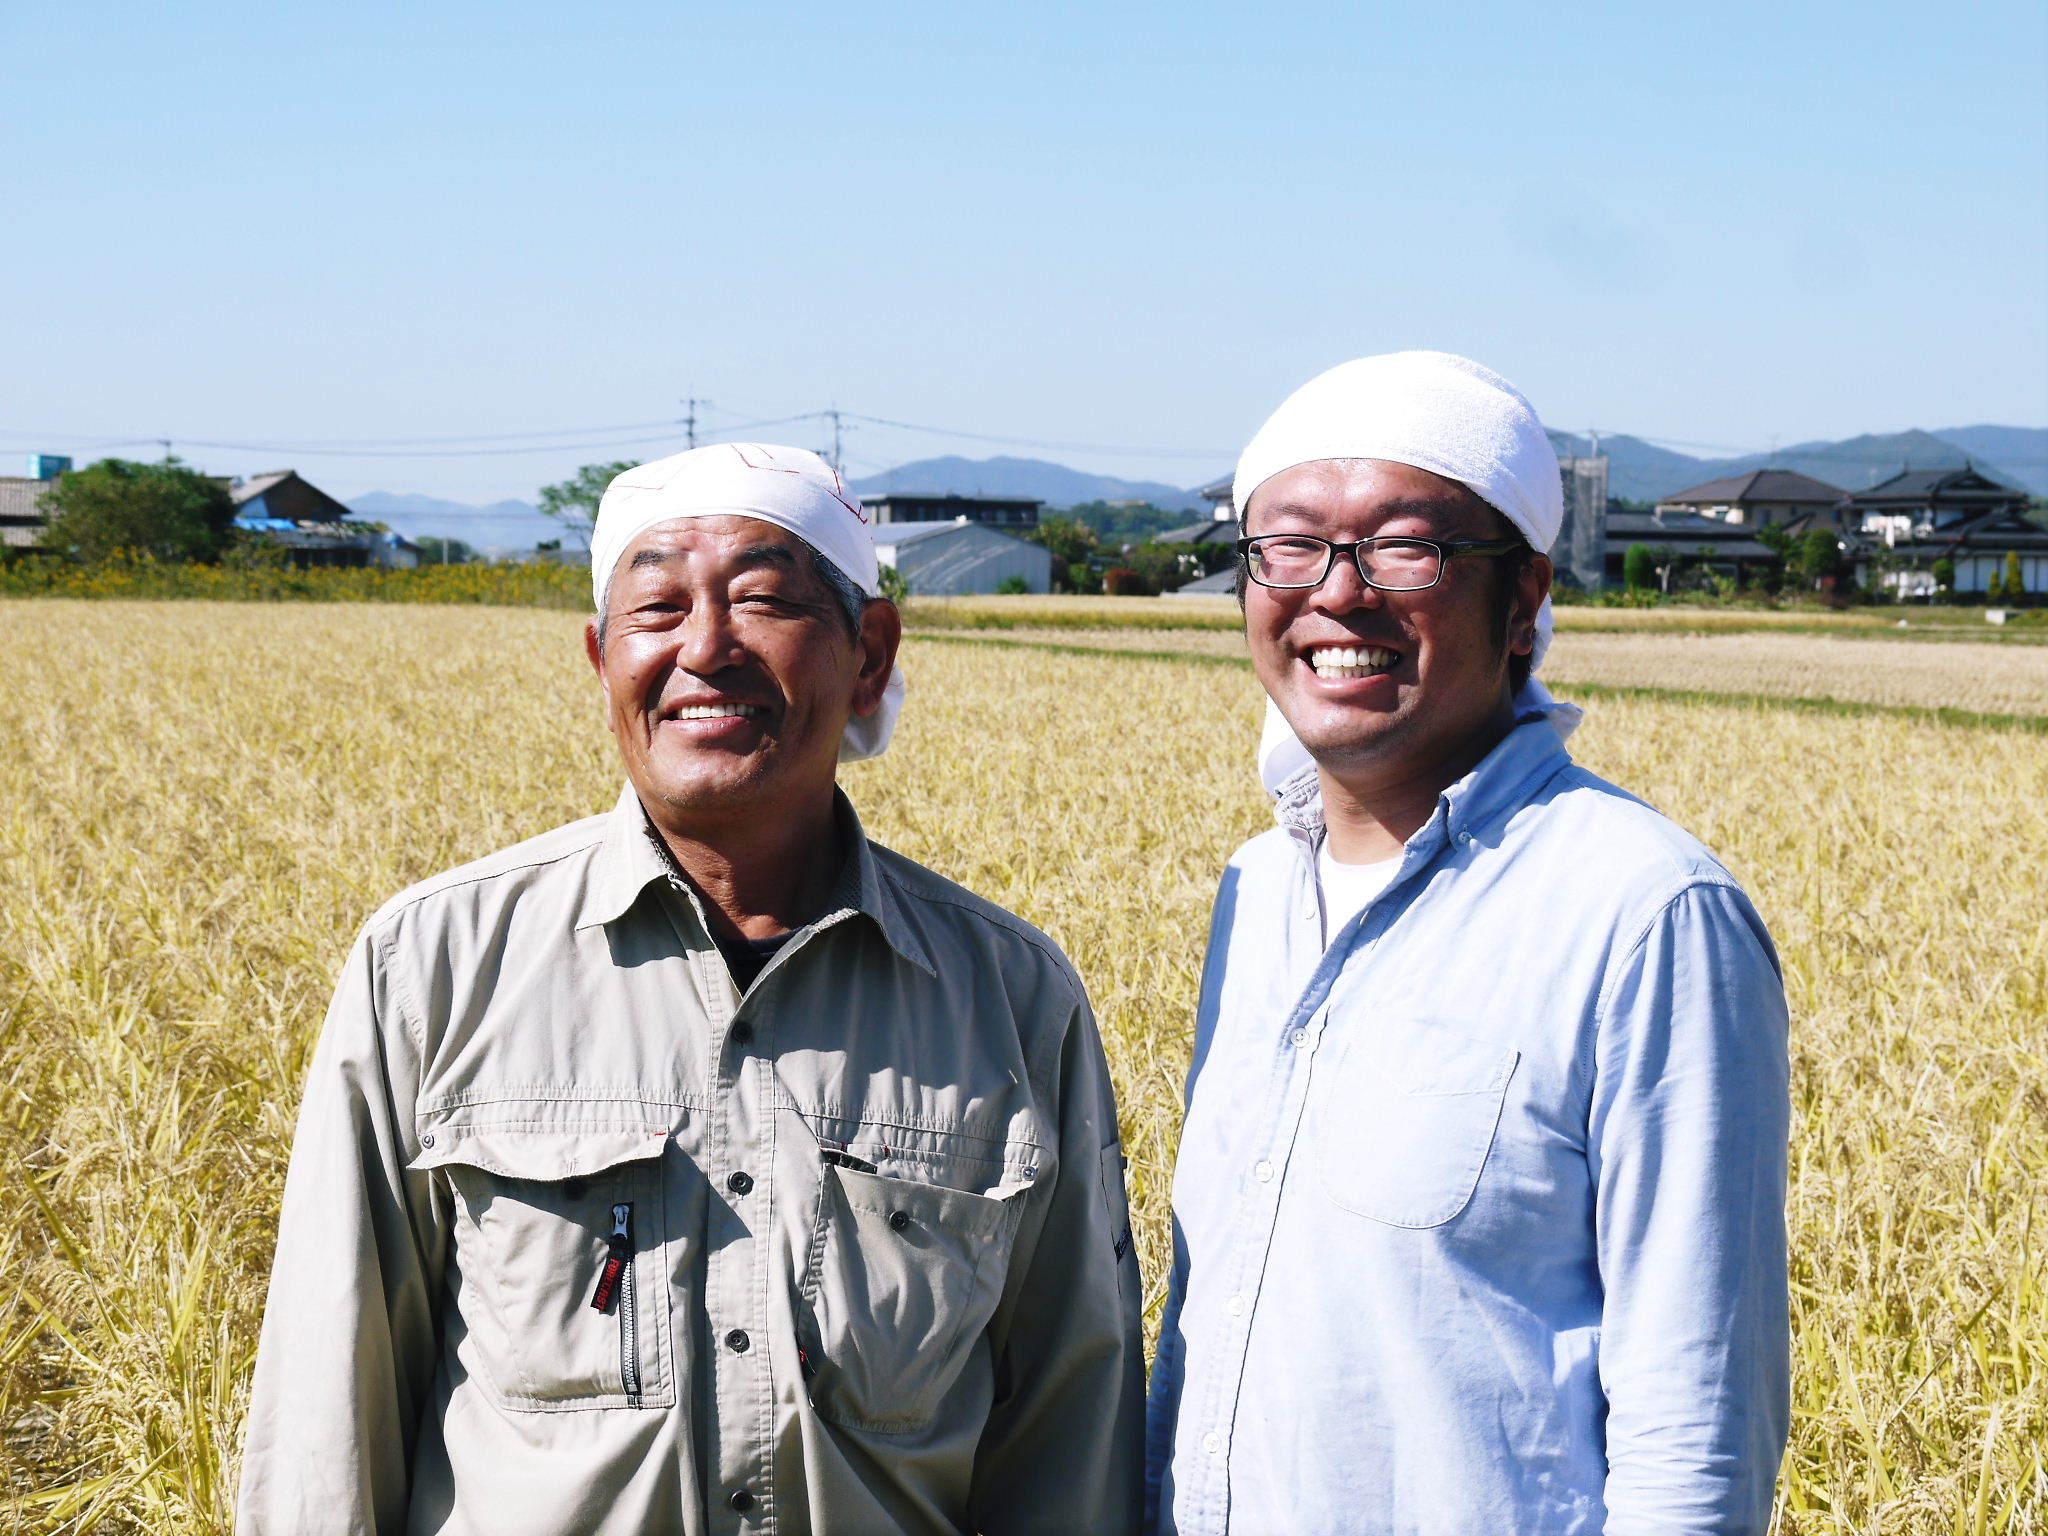 健康農園さんの無農薬栽培『雑穀米』『発芽玄米』大好評販売中!令和3年度の稲刈りはまもなくです!_a0254656_19024134.jpg